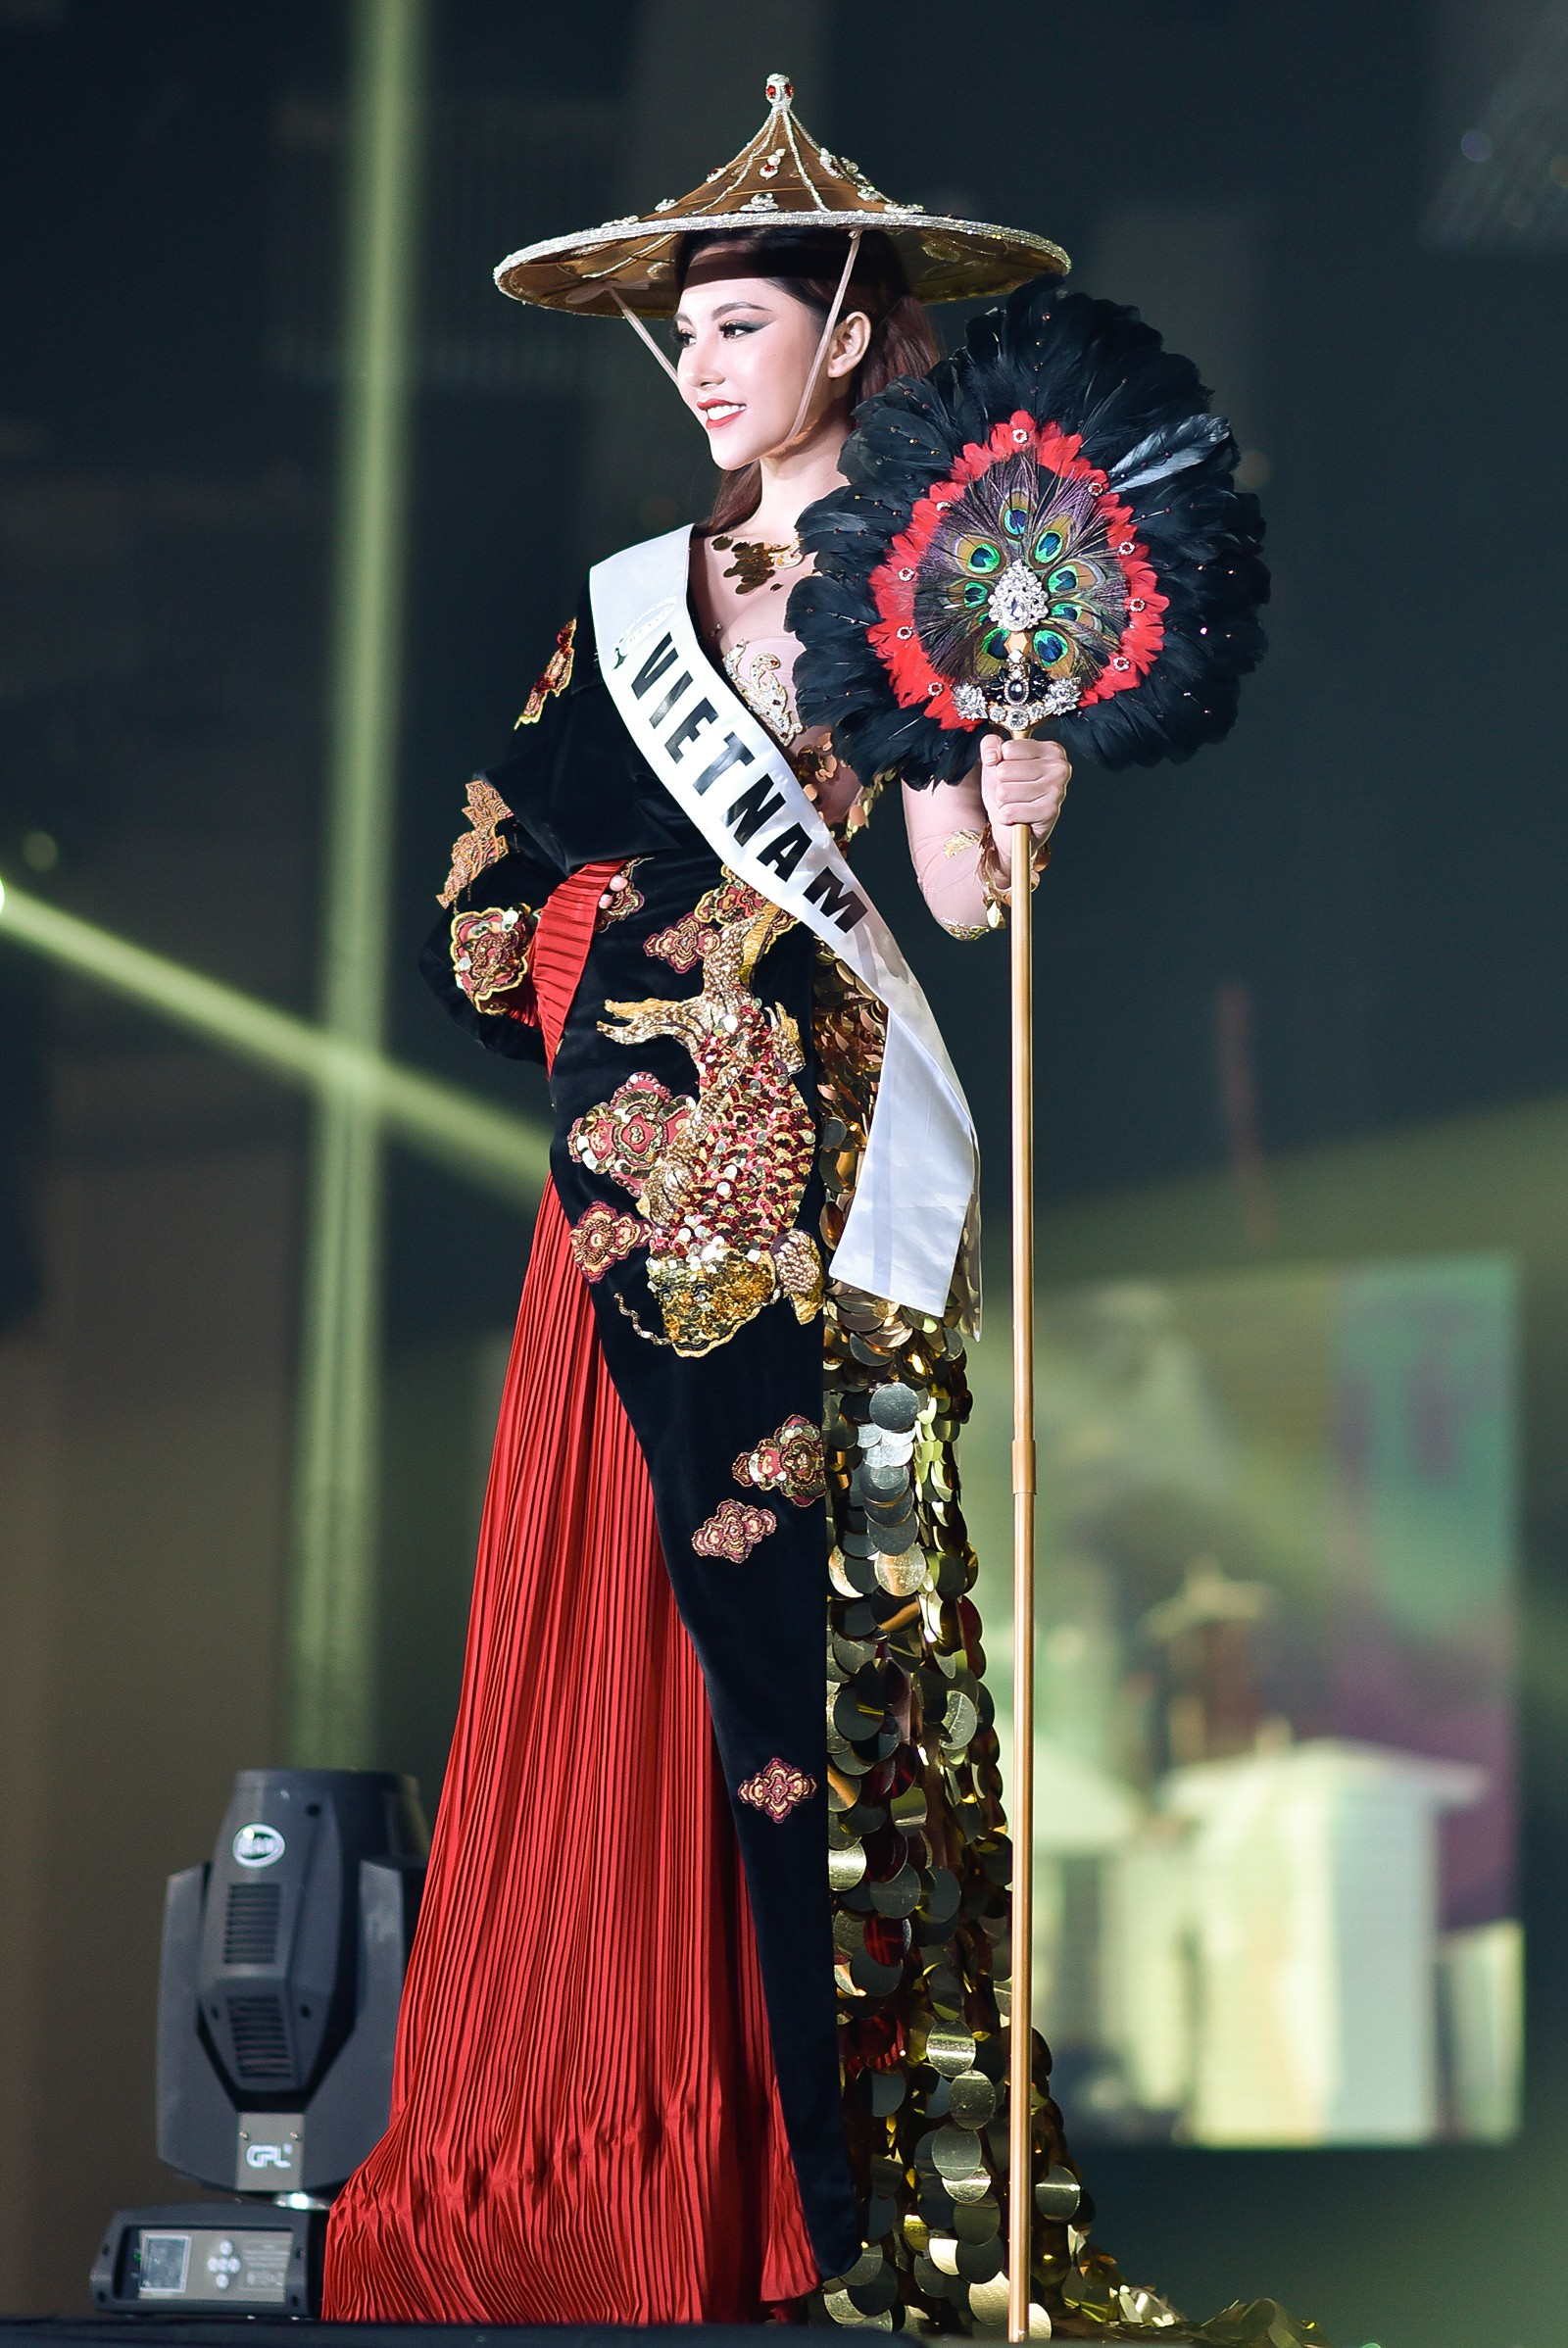 Người đẹp Bạc Liêu đăng quang Hoa hậu Quốc tế Toàn cầu 2019 - Ảnh 4.